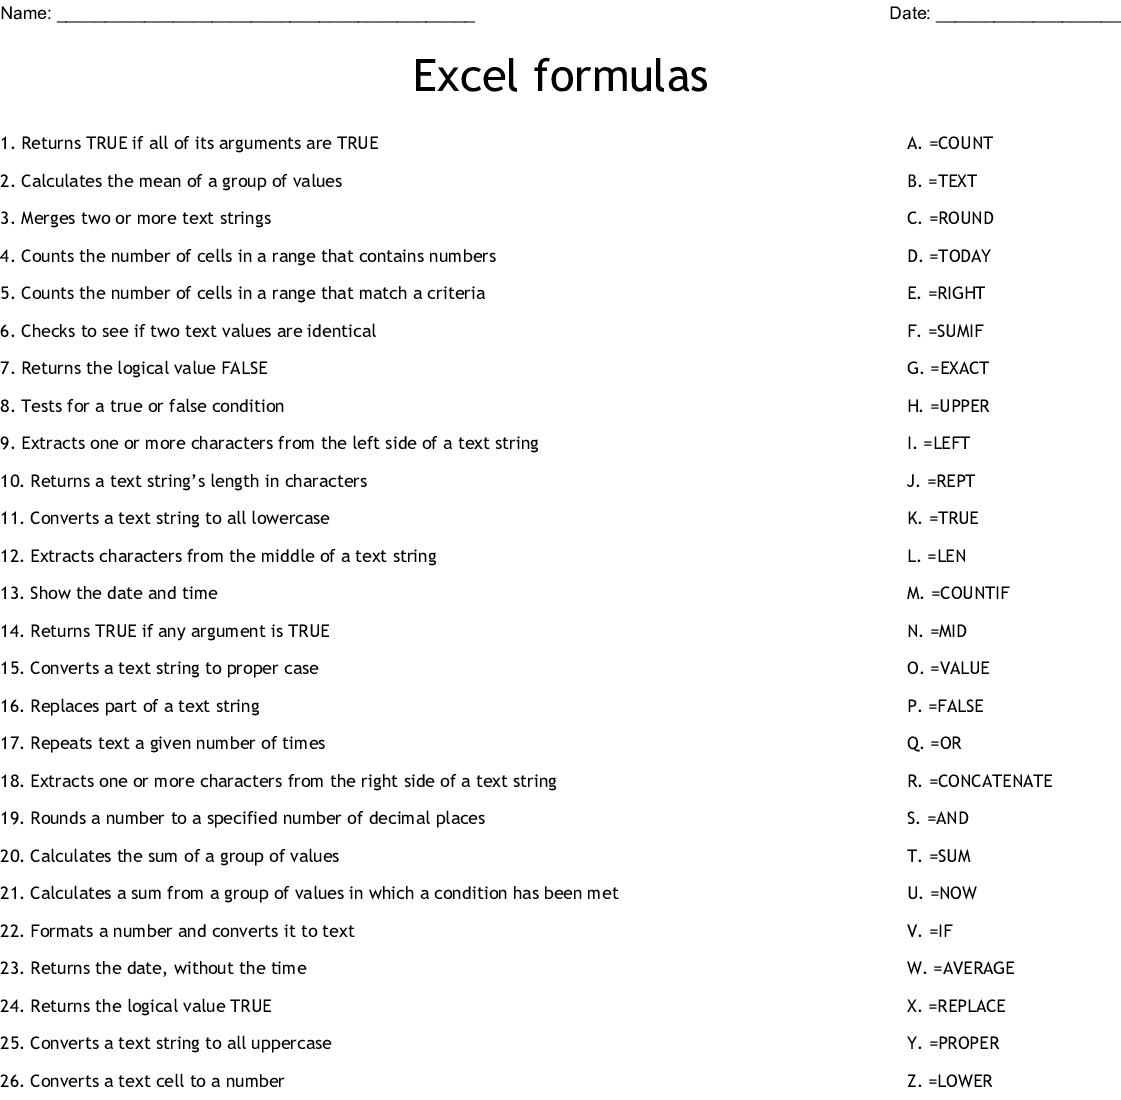 Excel Formulas Worksheet